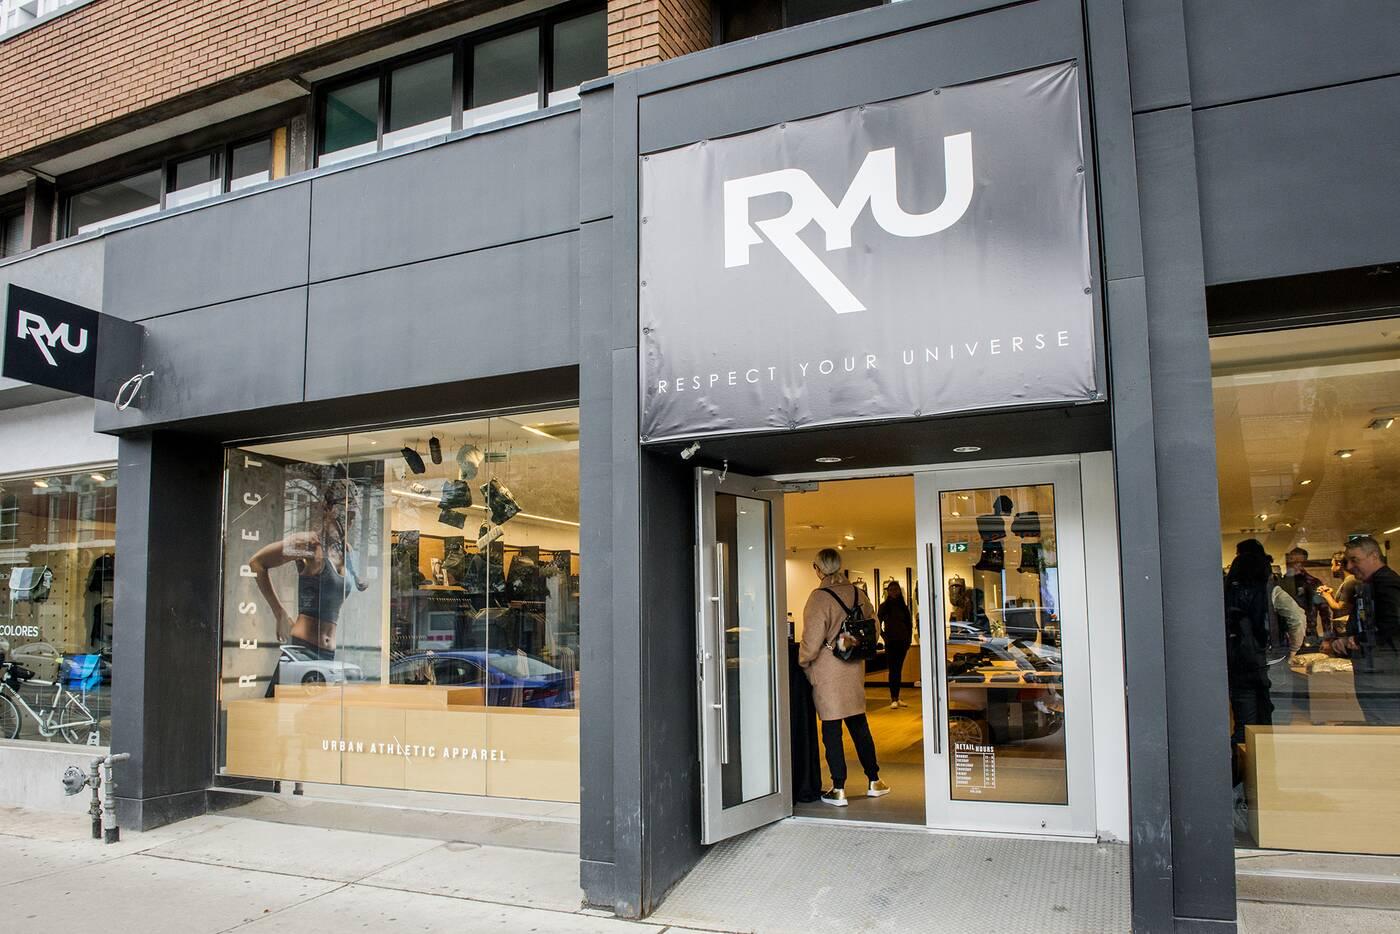 RYU Toronto